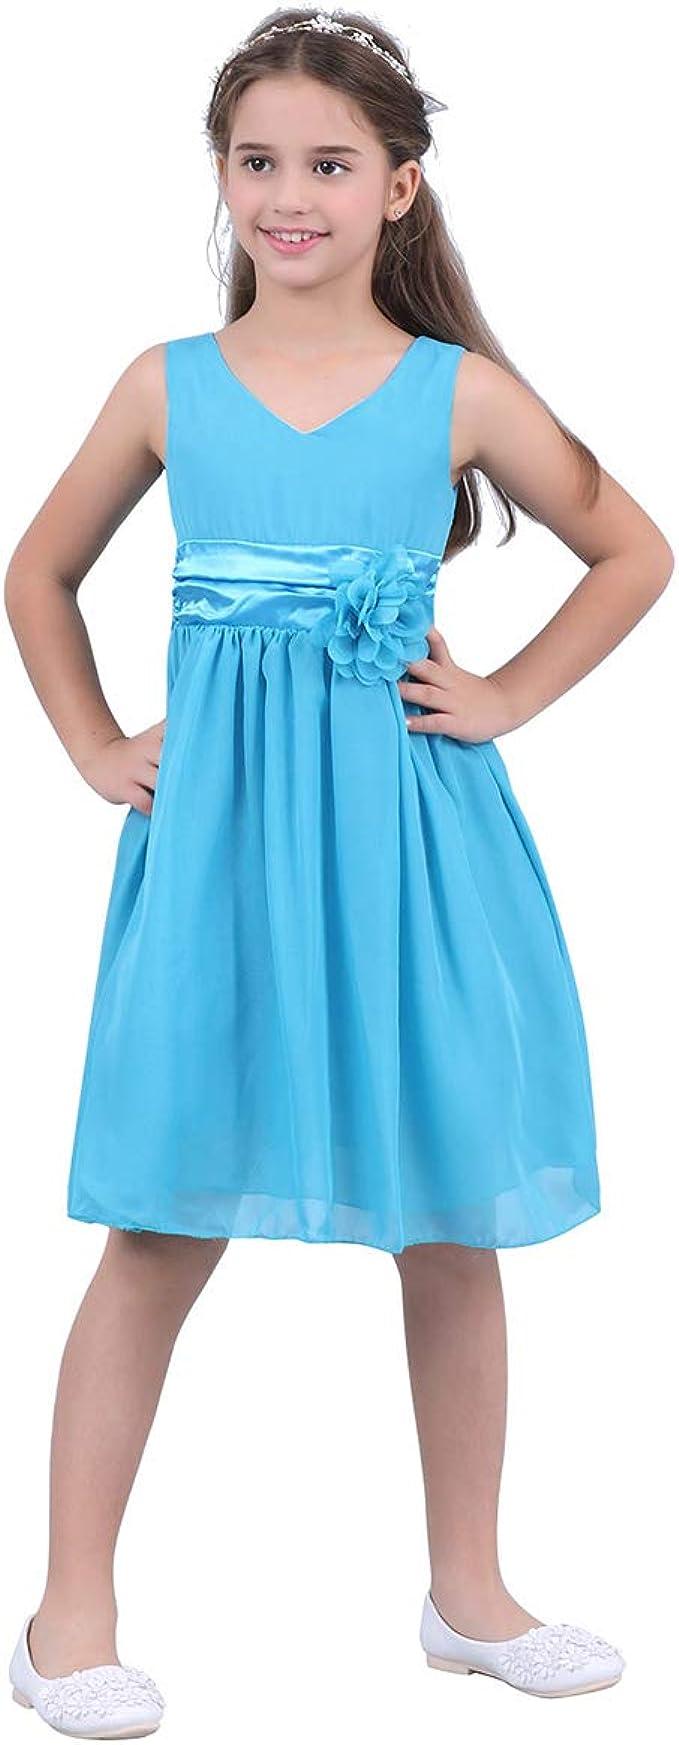 Freebily Festlich Kleid Kinderkleid Kinder Mädchen Hochzeit  Blumensmädchenkleid Prinzessin Kleid Chiffonkleid Partykleid 9 9 9 9  9 9 9